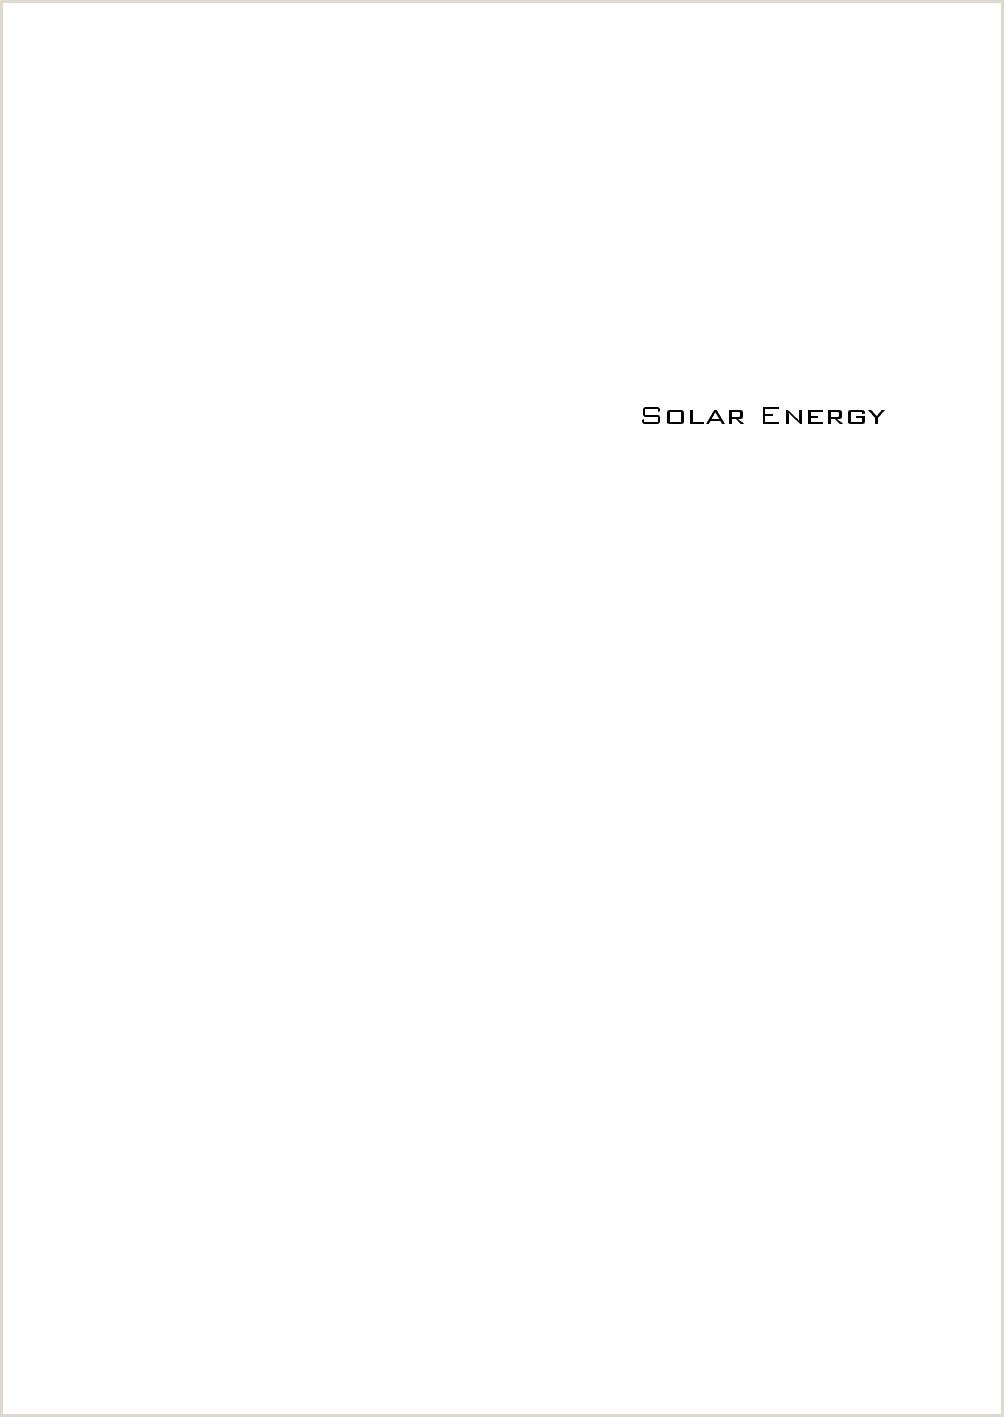 Visitcard Design Solar Energy Radu D Rugescu Enrgia Solar Energia